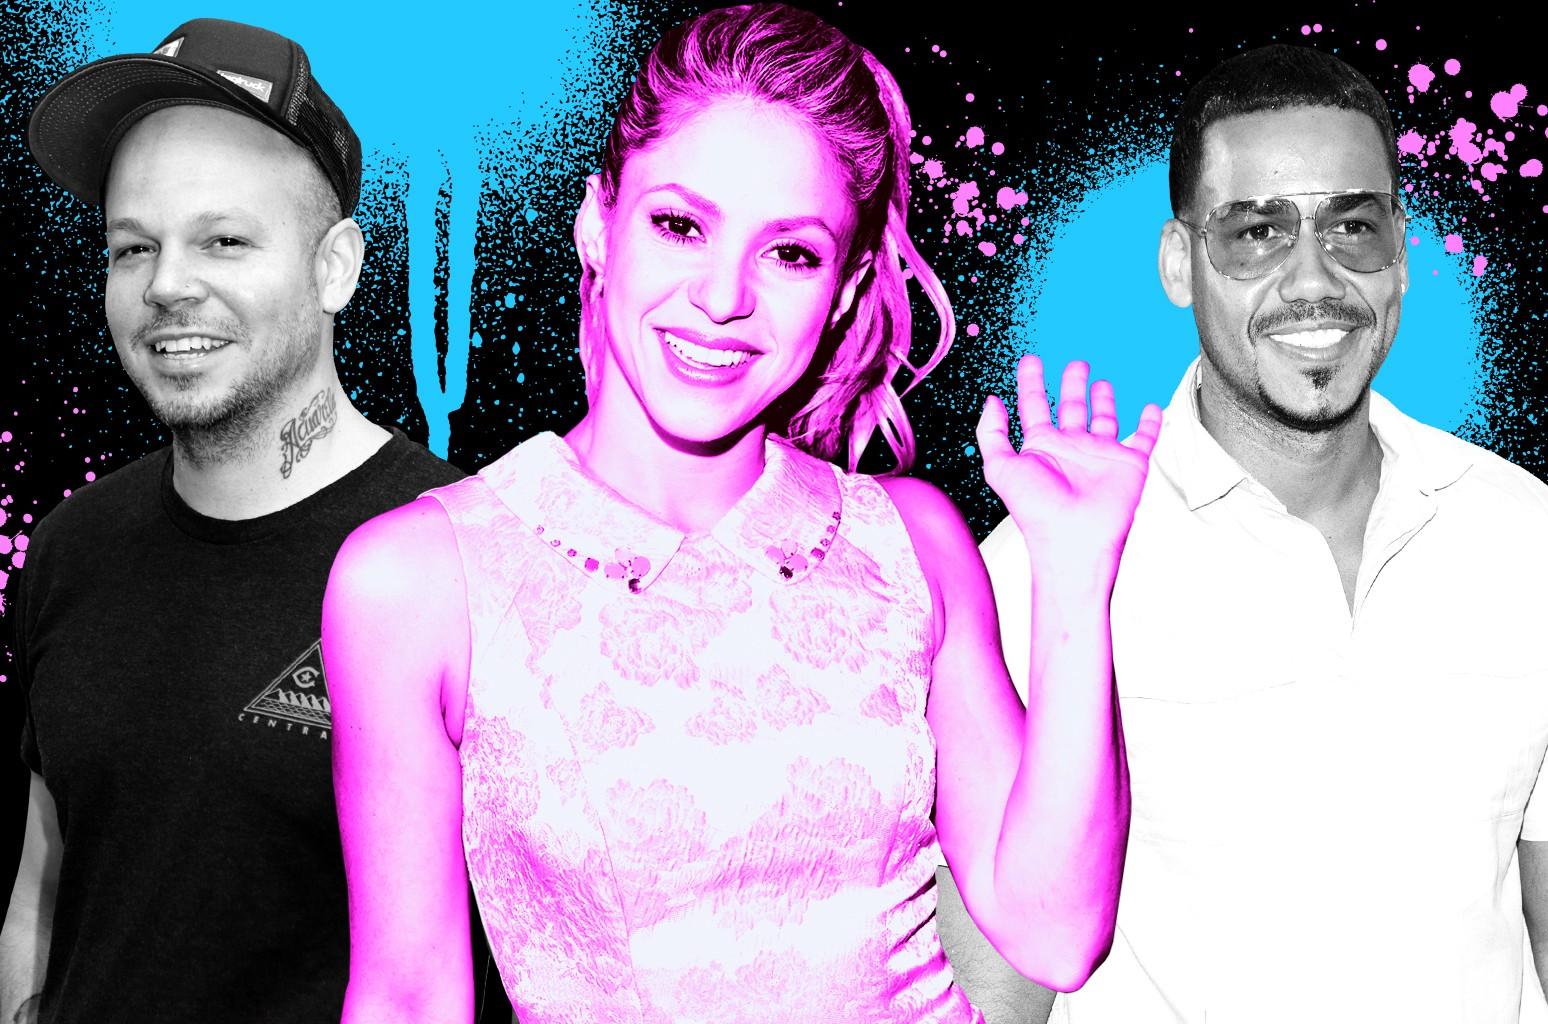 From left: Residente, Shakira & Romeo Santos